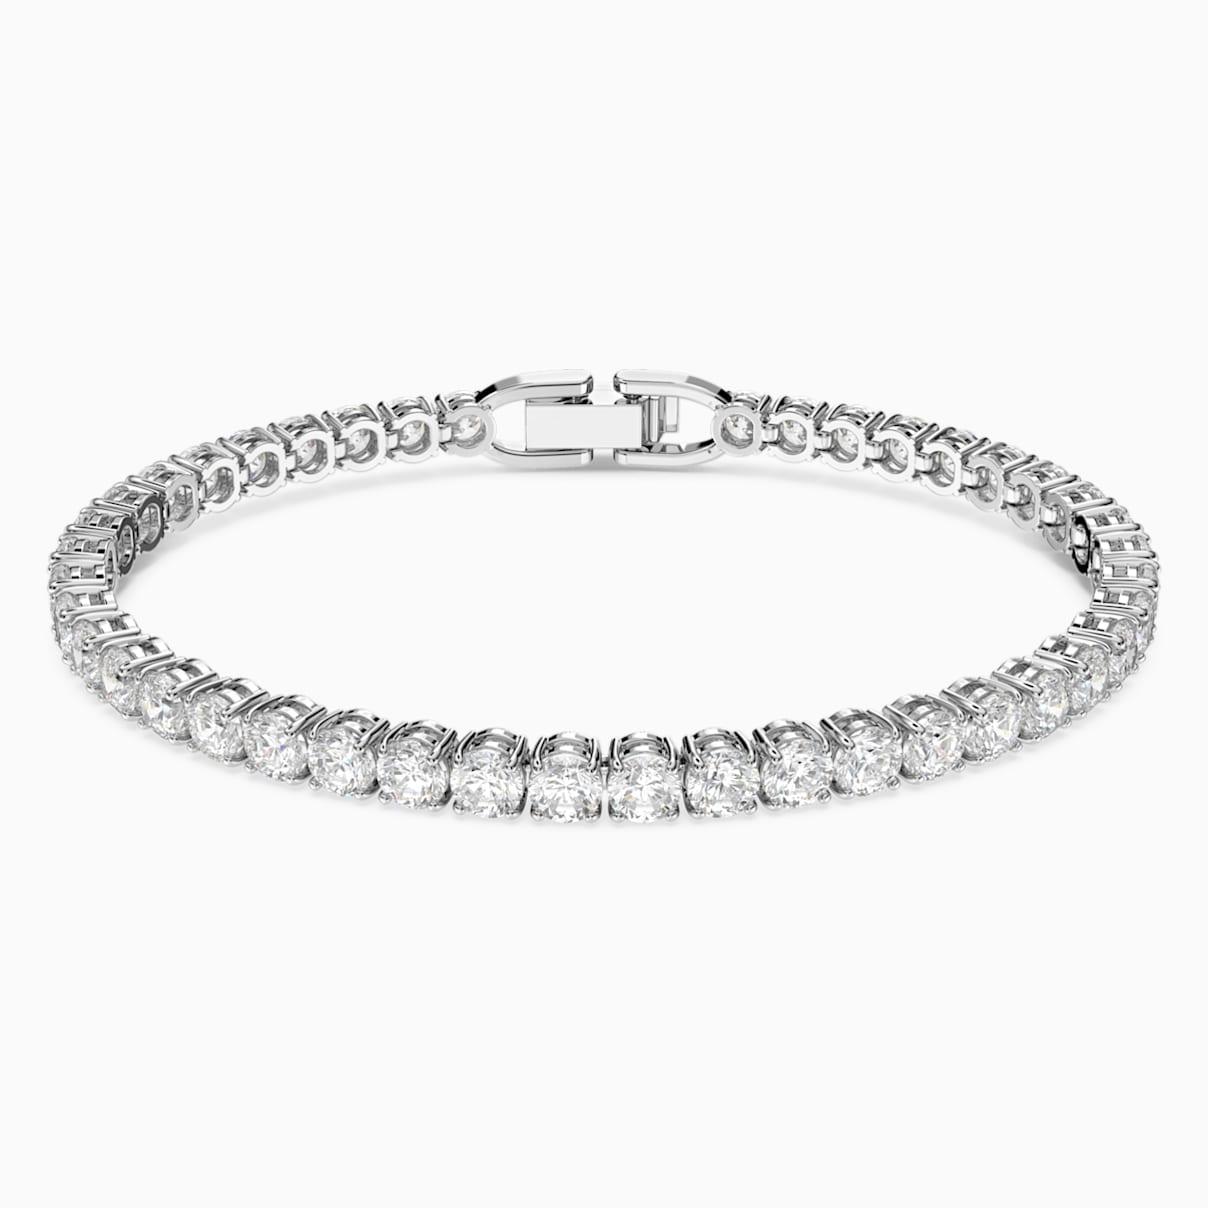 Bracelet tennis deluxe blanc métal rhodié